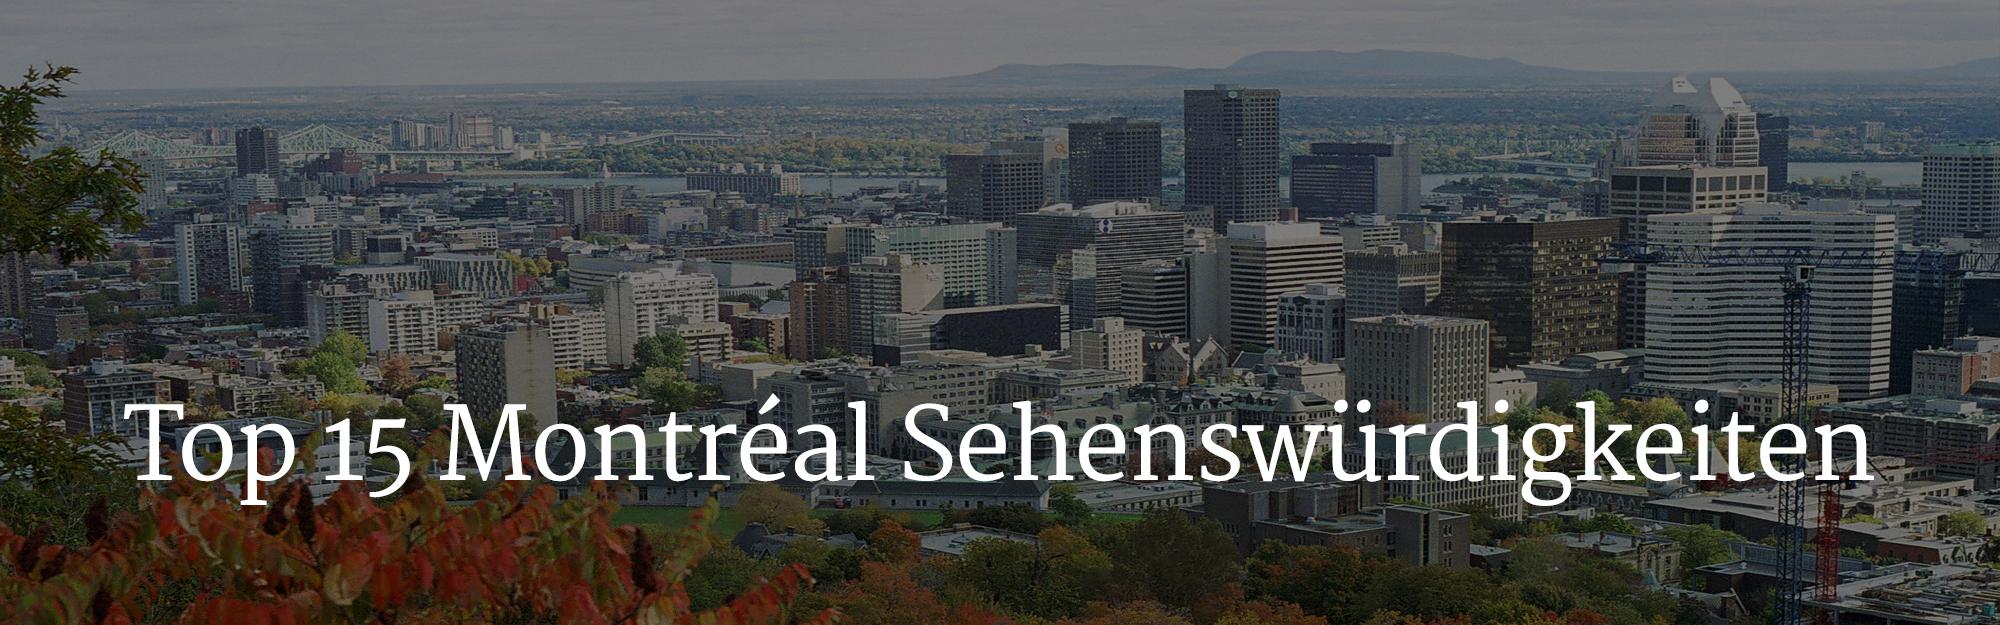 Top 15 Montréal Sehenswürdigkeiten